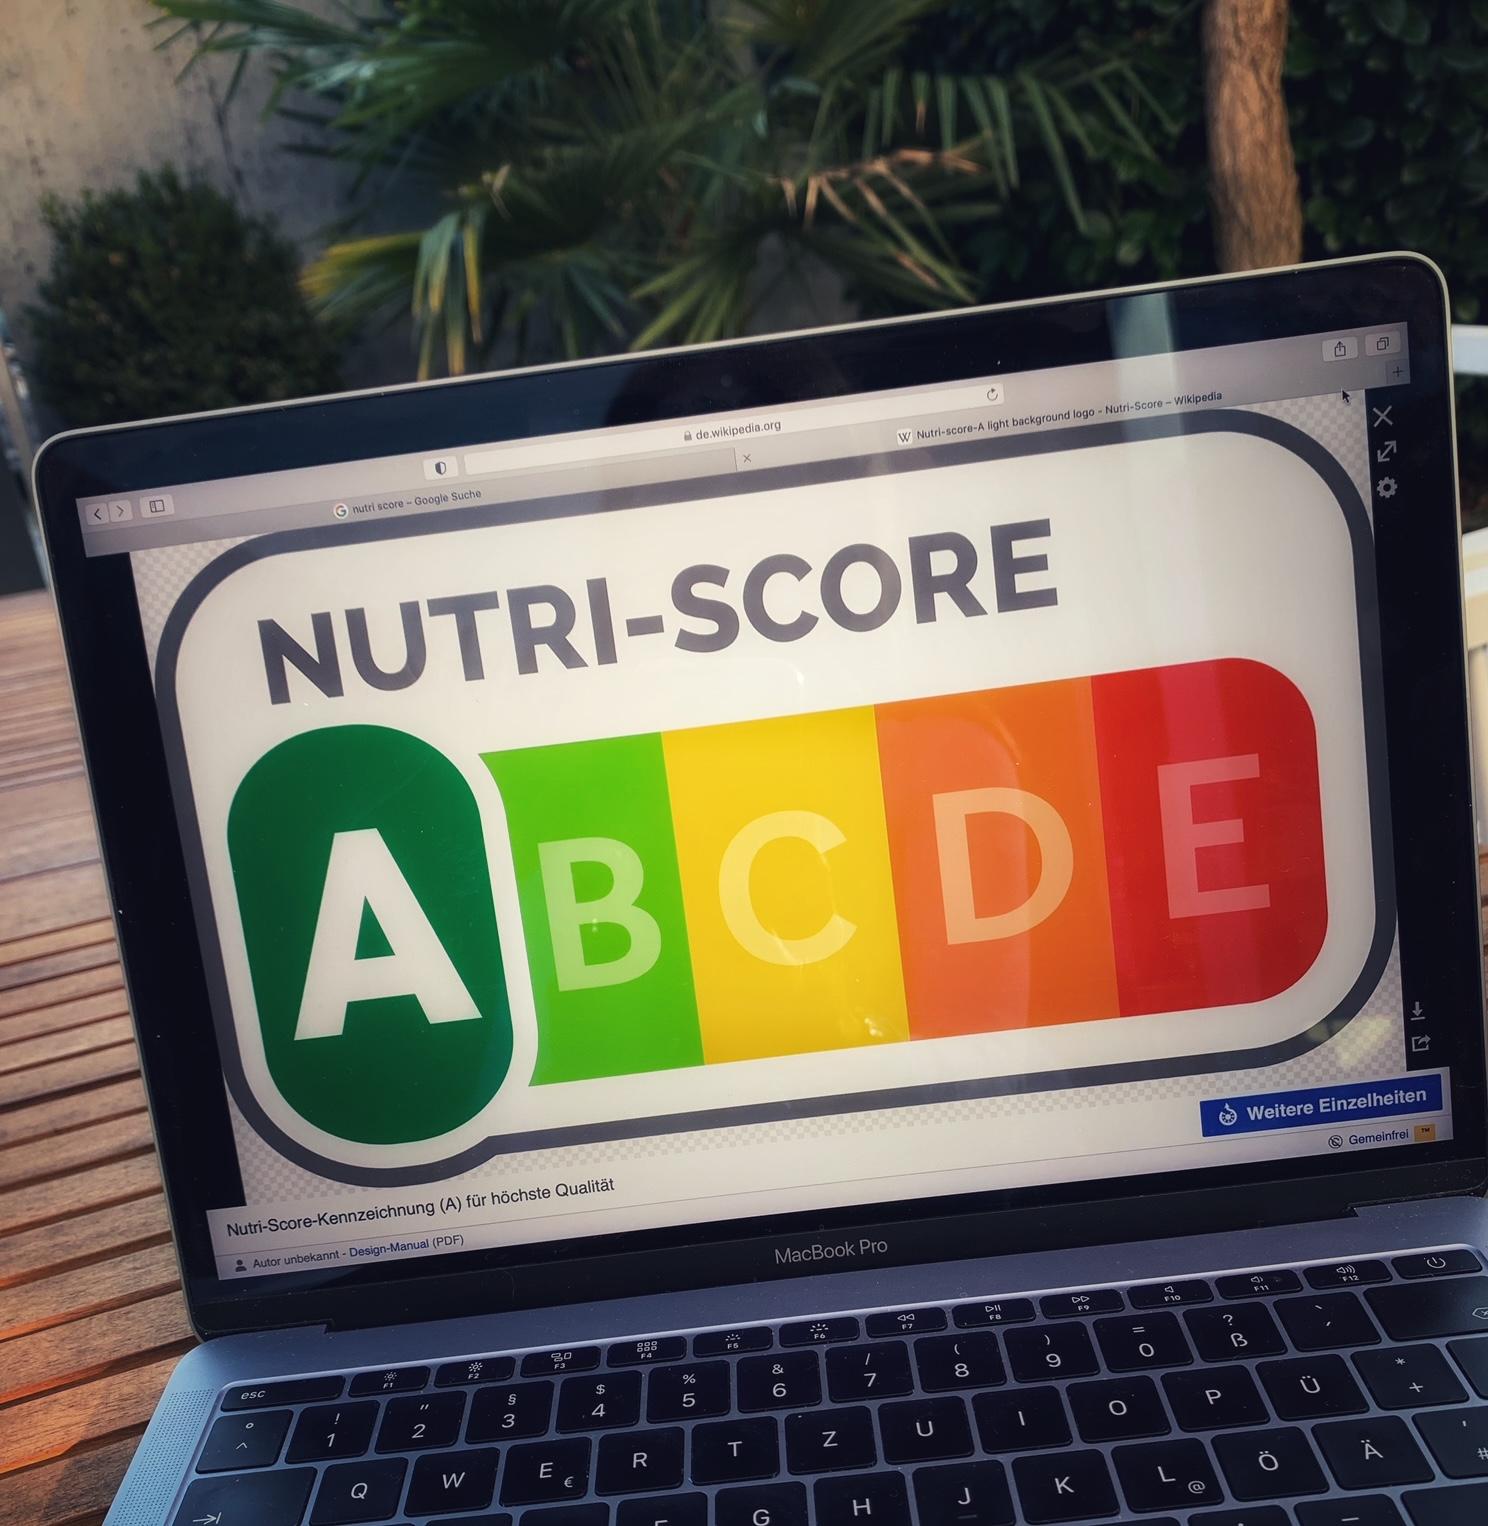 Nutri-Score Deutschland Info